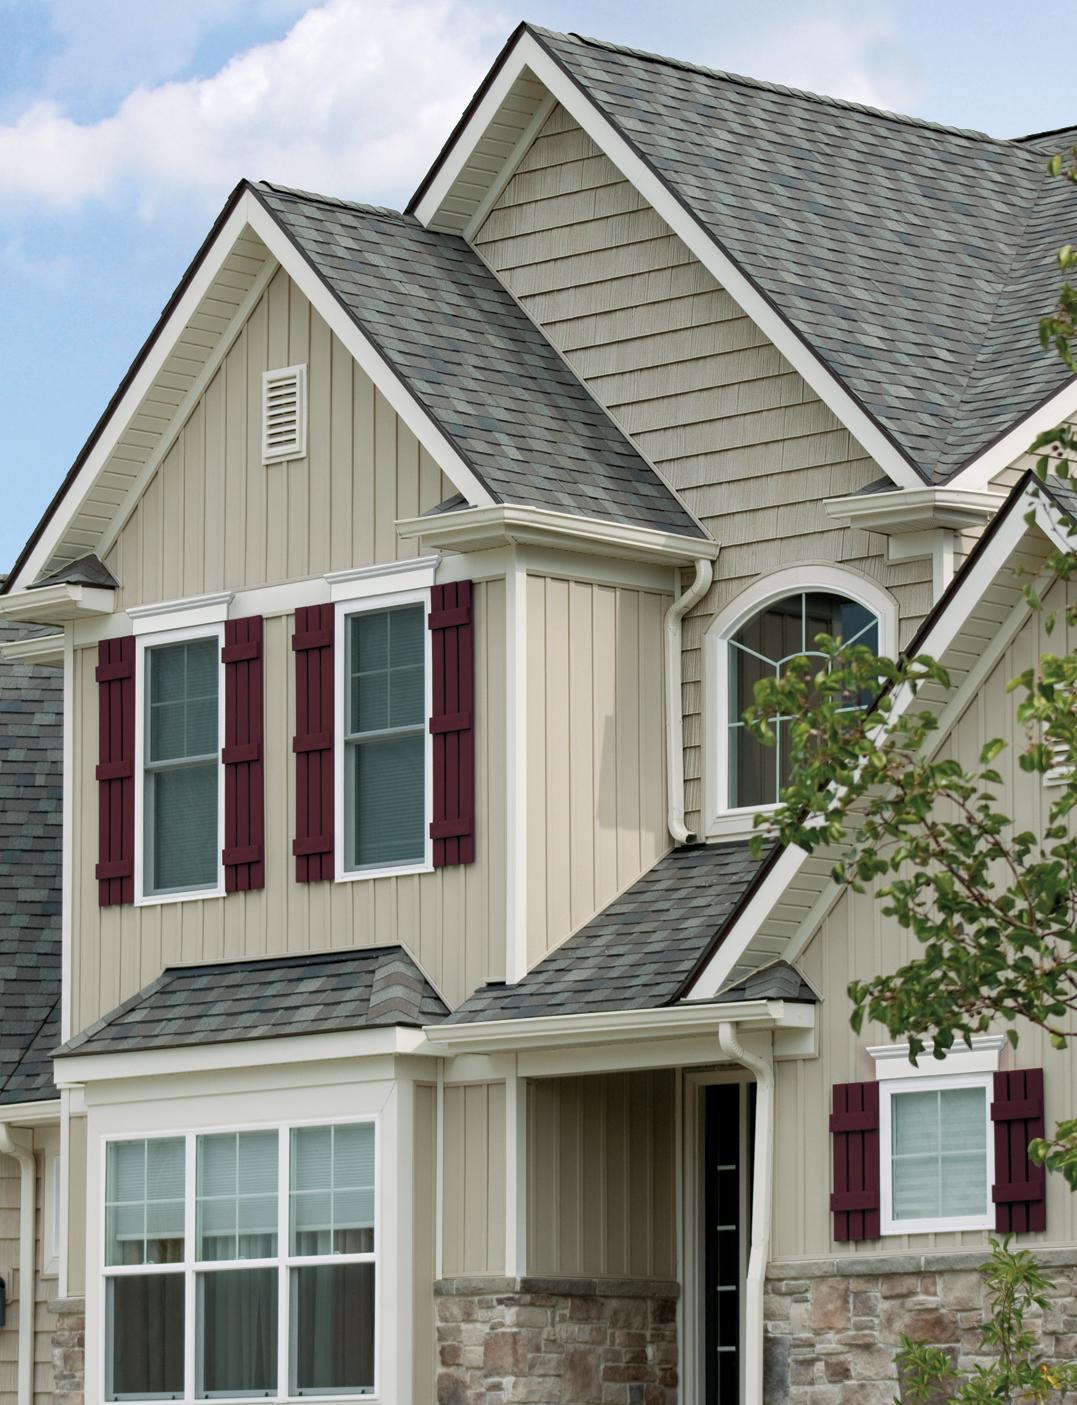 Exterior Siding Ideas | Mid-America on House Siding Ideas  id=62103